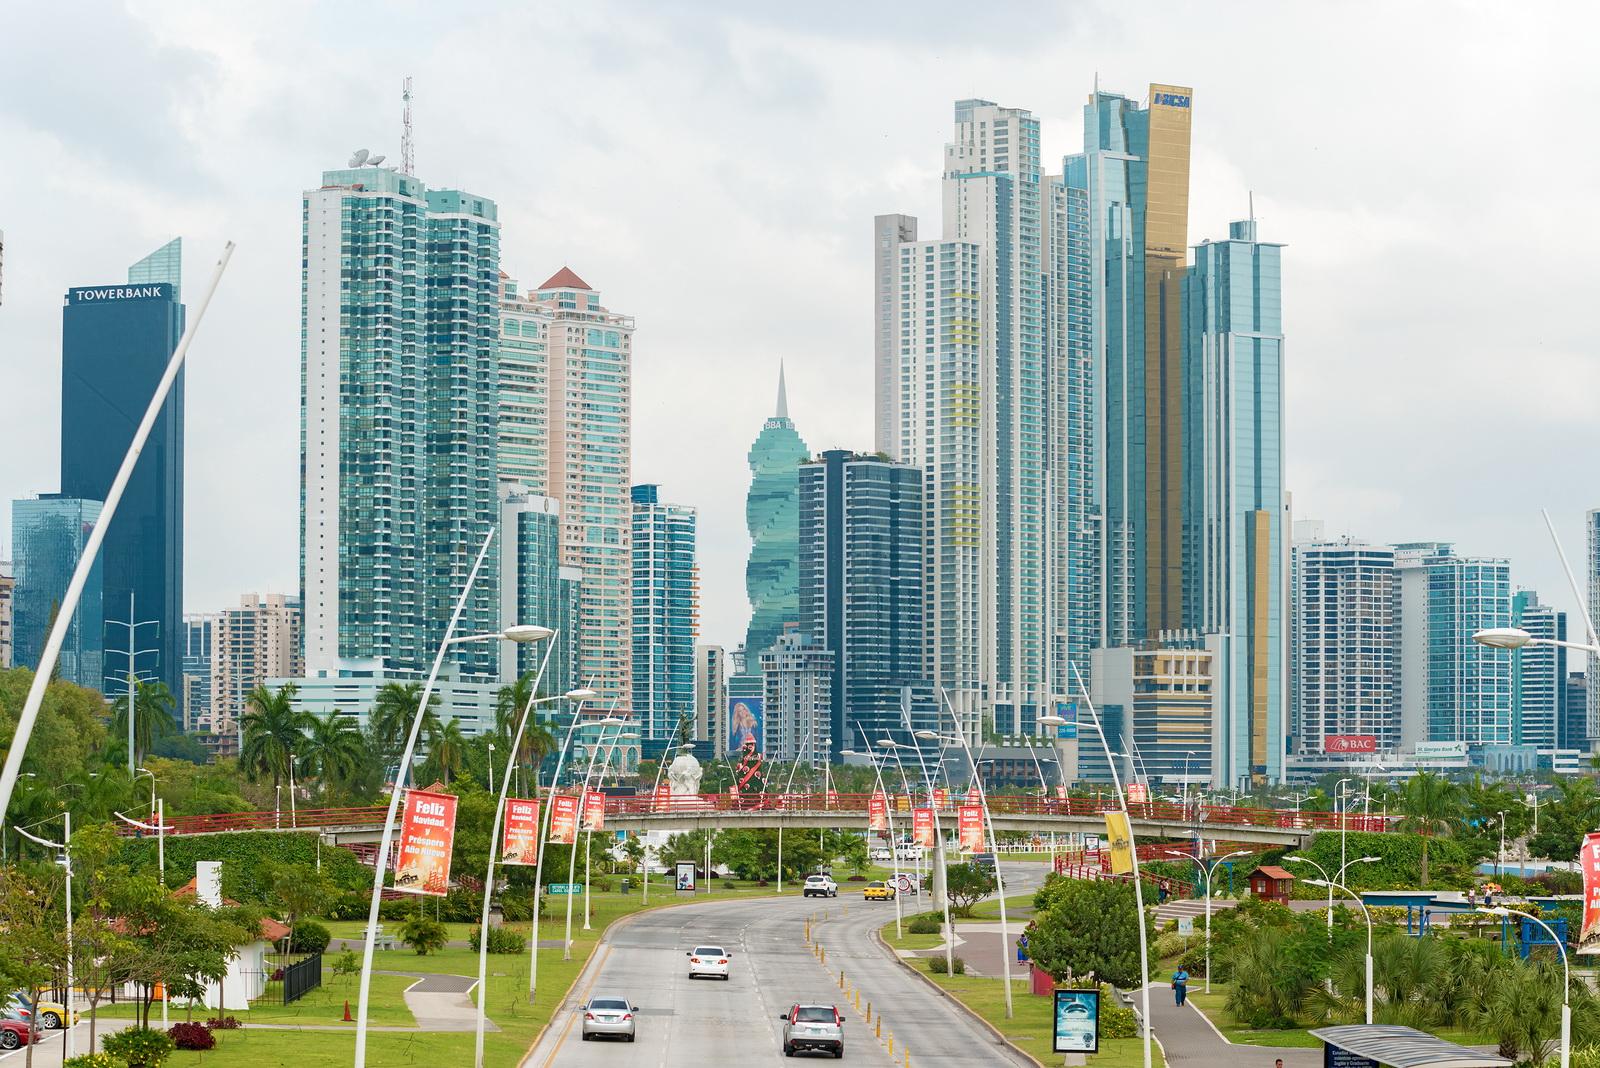 BCIE se instala en Panamá y aprueba al Gorgas US$200 millones